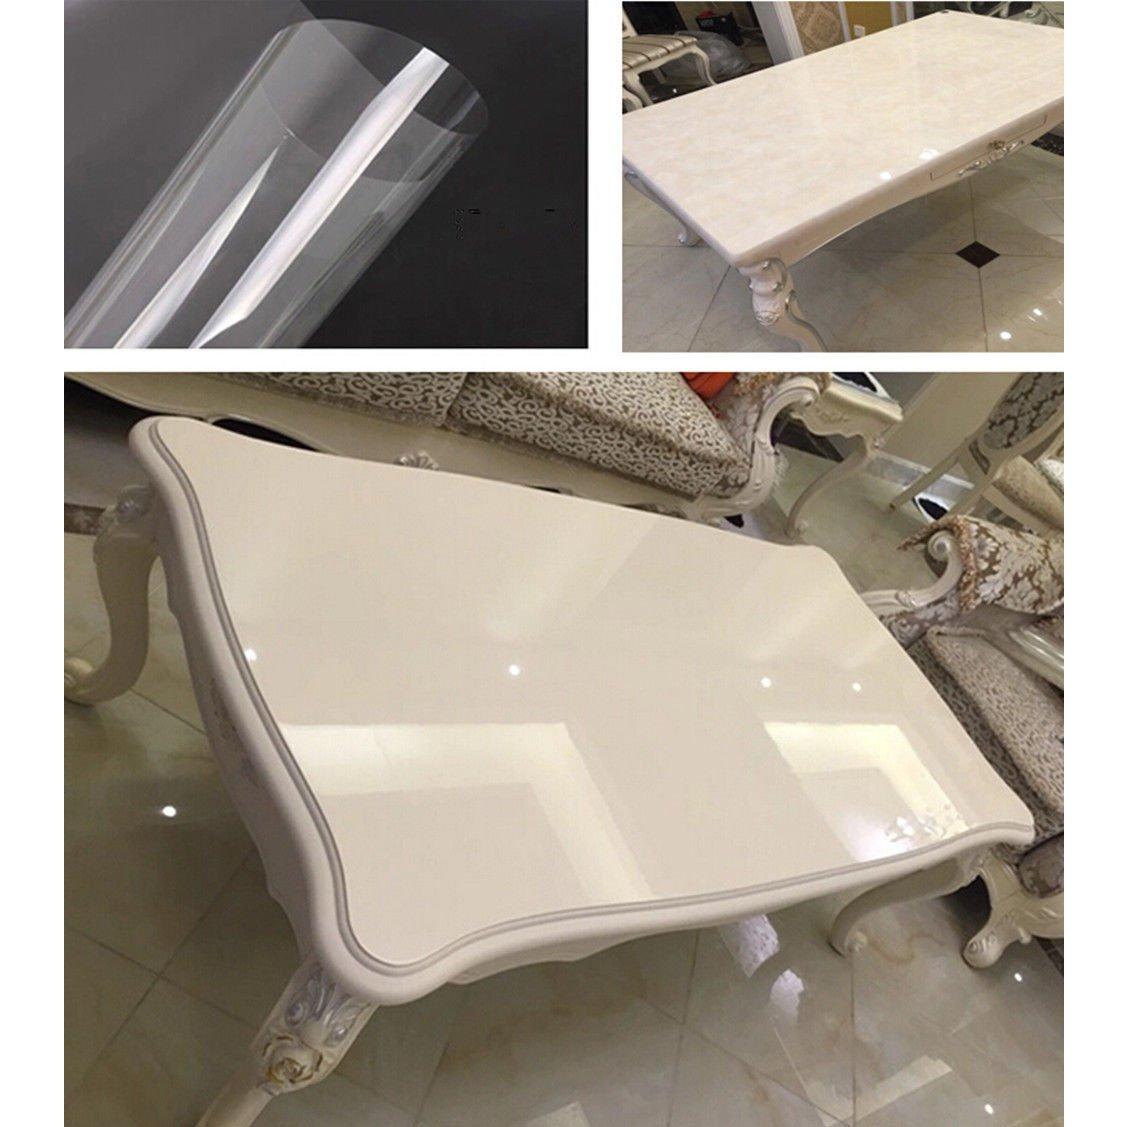 per casa Hoho Pellicola protettiva trasparente 2Mil decorazione anti-olio lucida protezione antigraffio per mobili cucina adesiva 152 x 50 cm